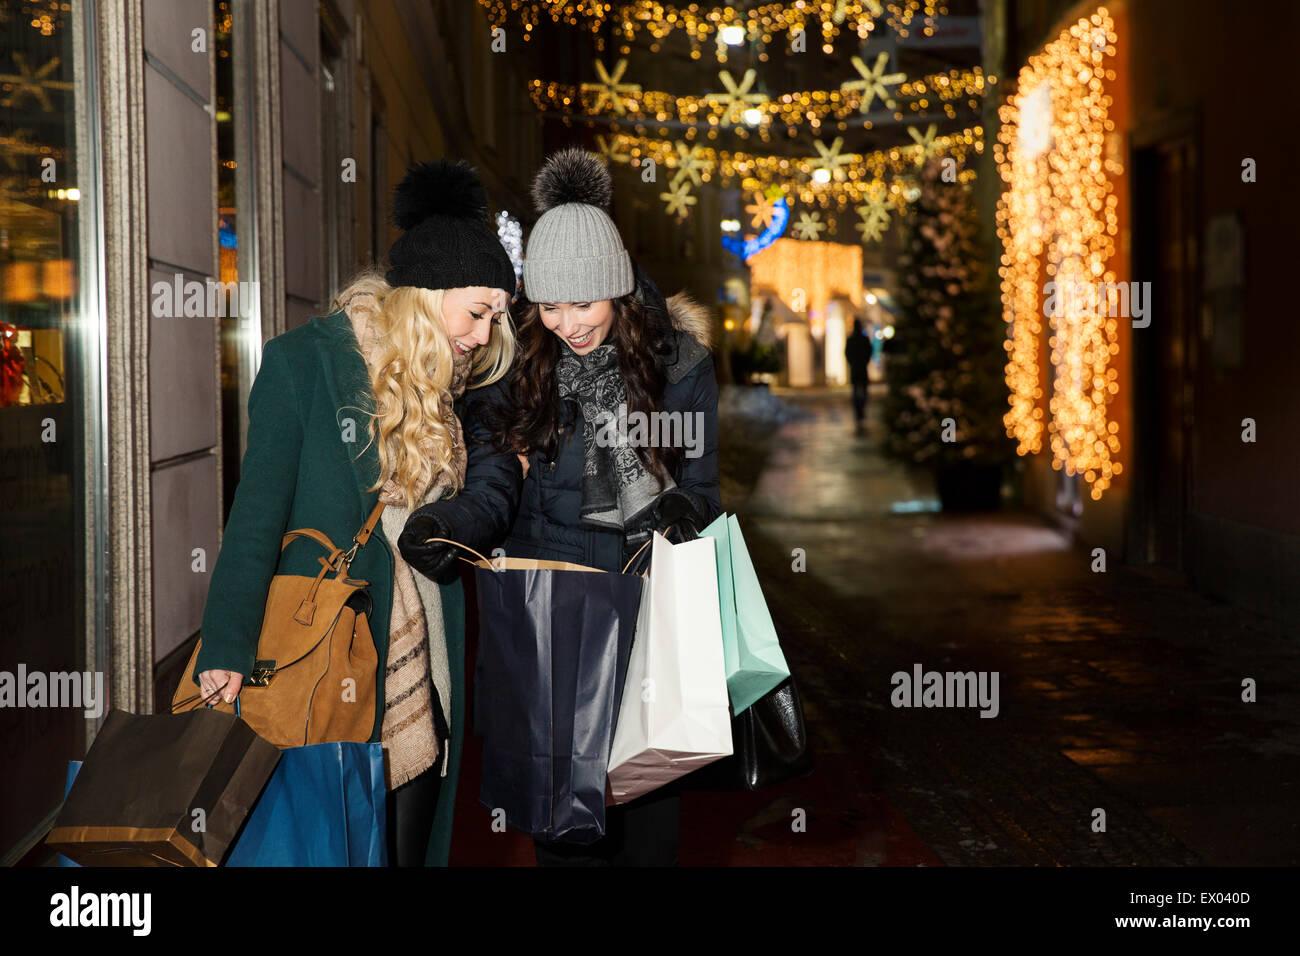 Deux femmes adultes shopping de Noël Photo Stock